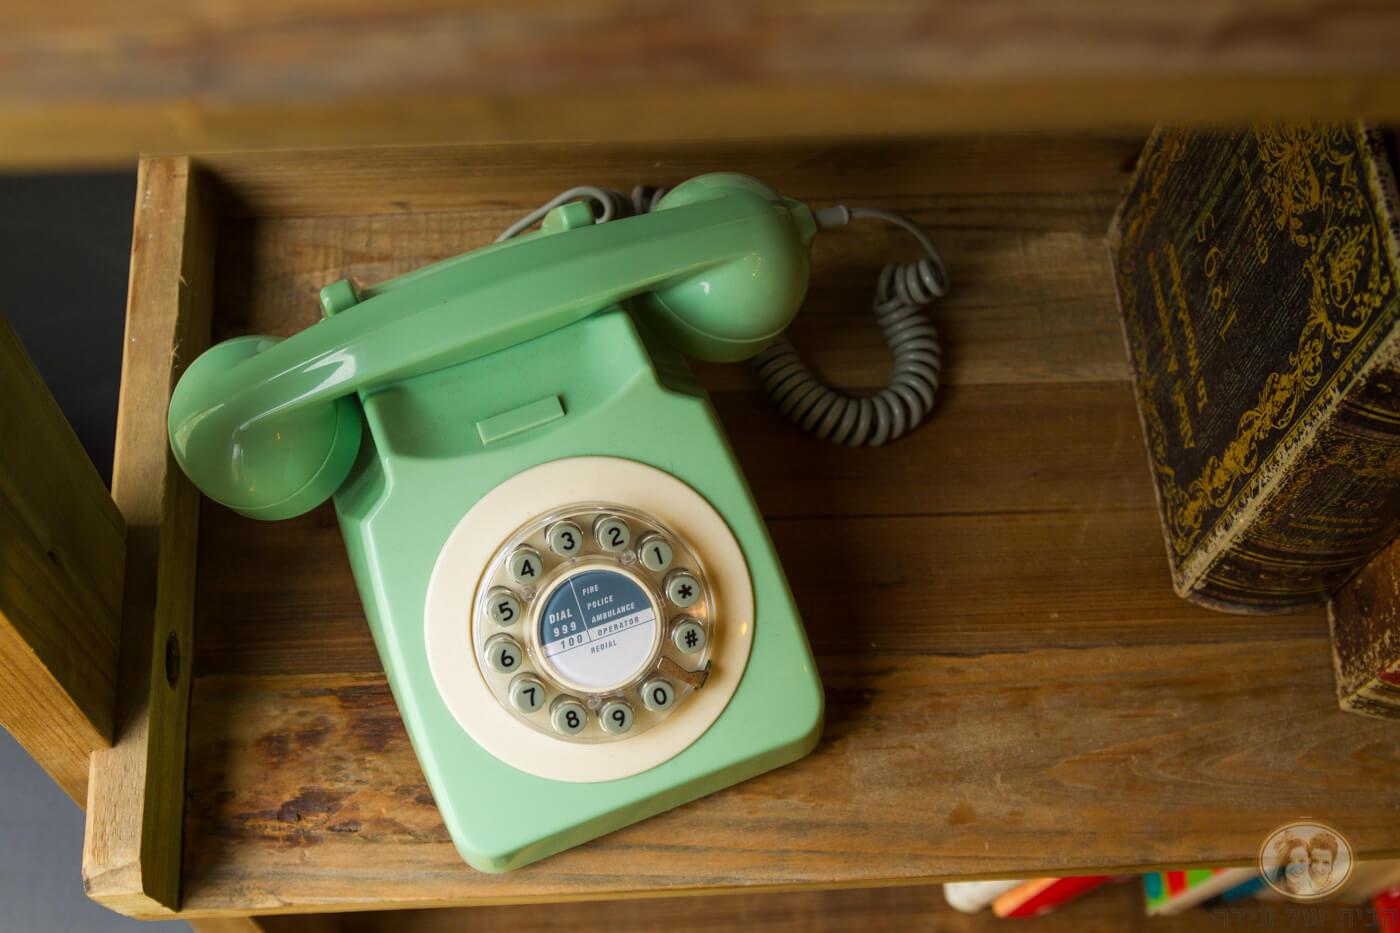 טלפון חוגה רטרו